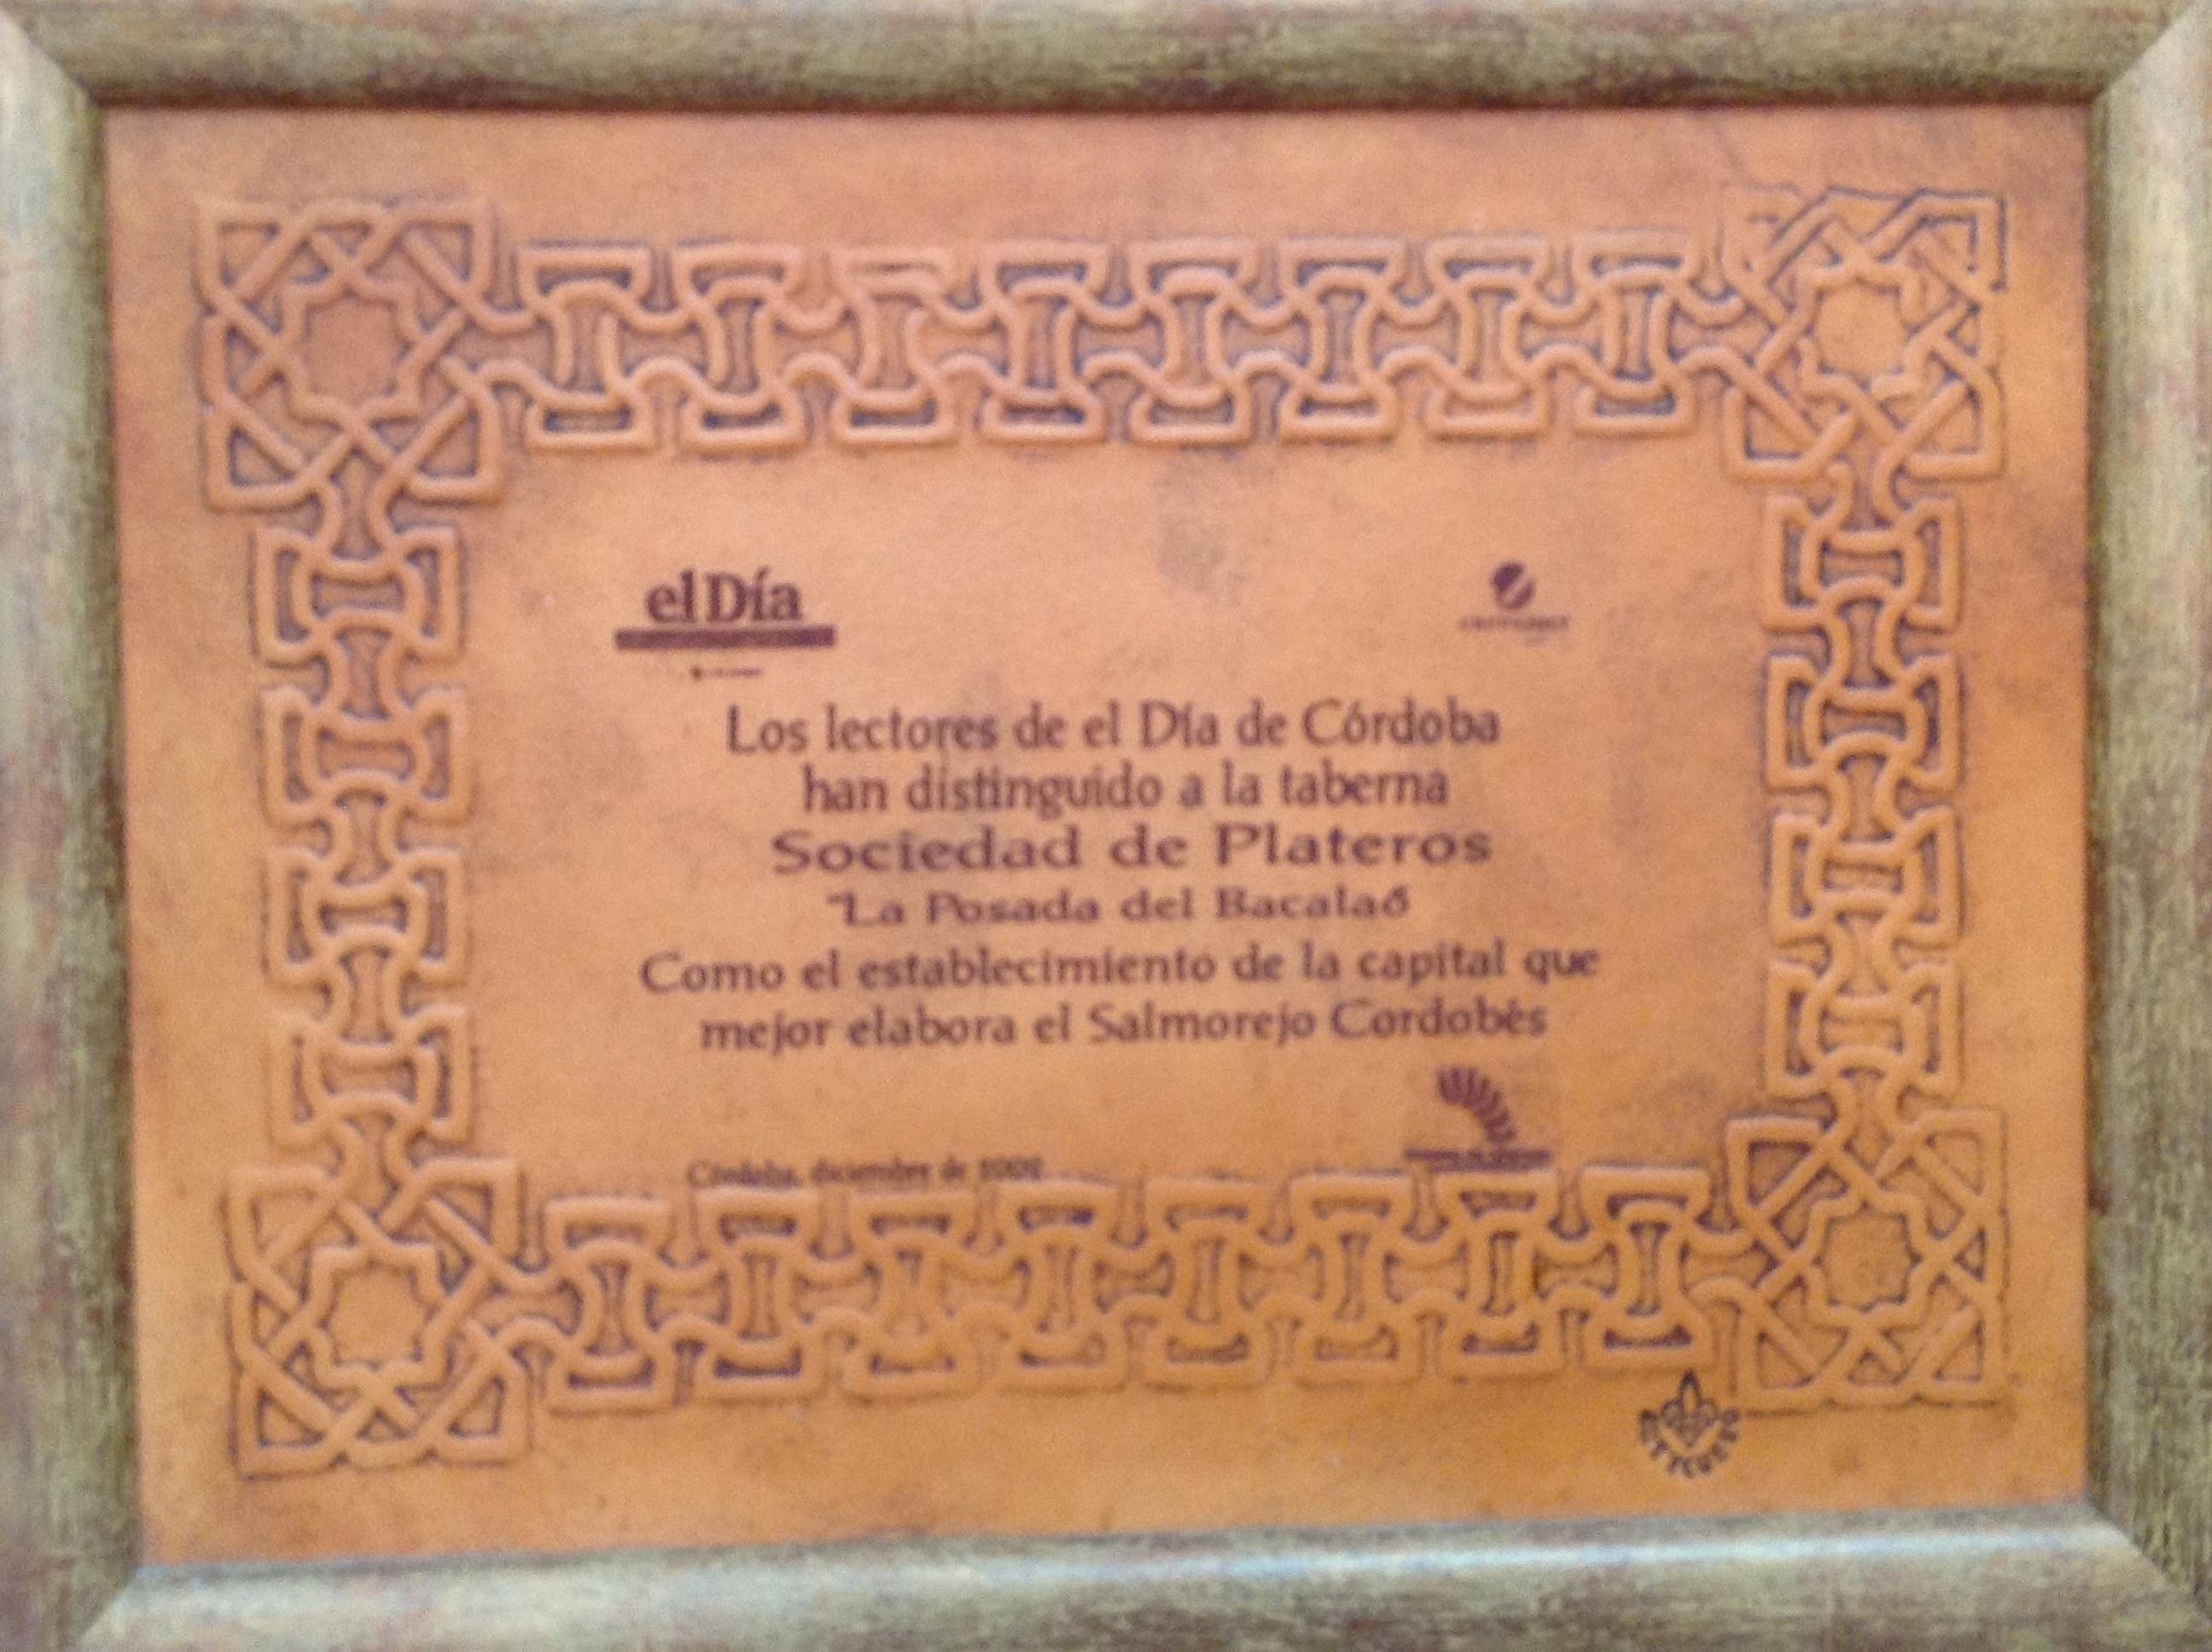 Reconocimiento El Dia al salmorejo del Restaurante Sociedad Plateros María Auxiliadora